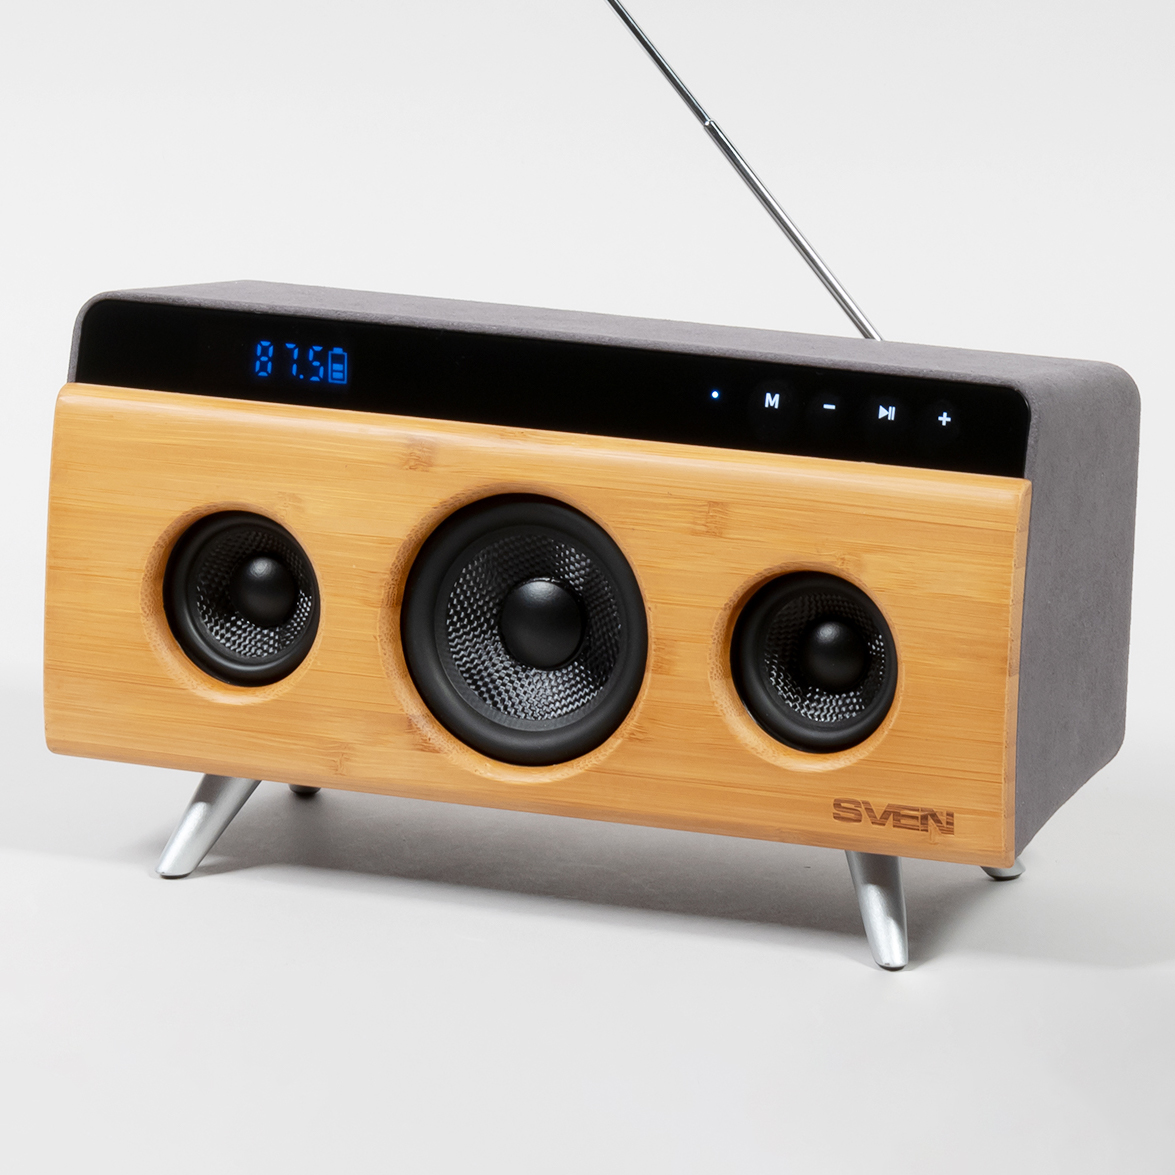 Домашняя аудиосистема Sven HA-930: компактное решение, способное украсить интерьер